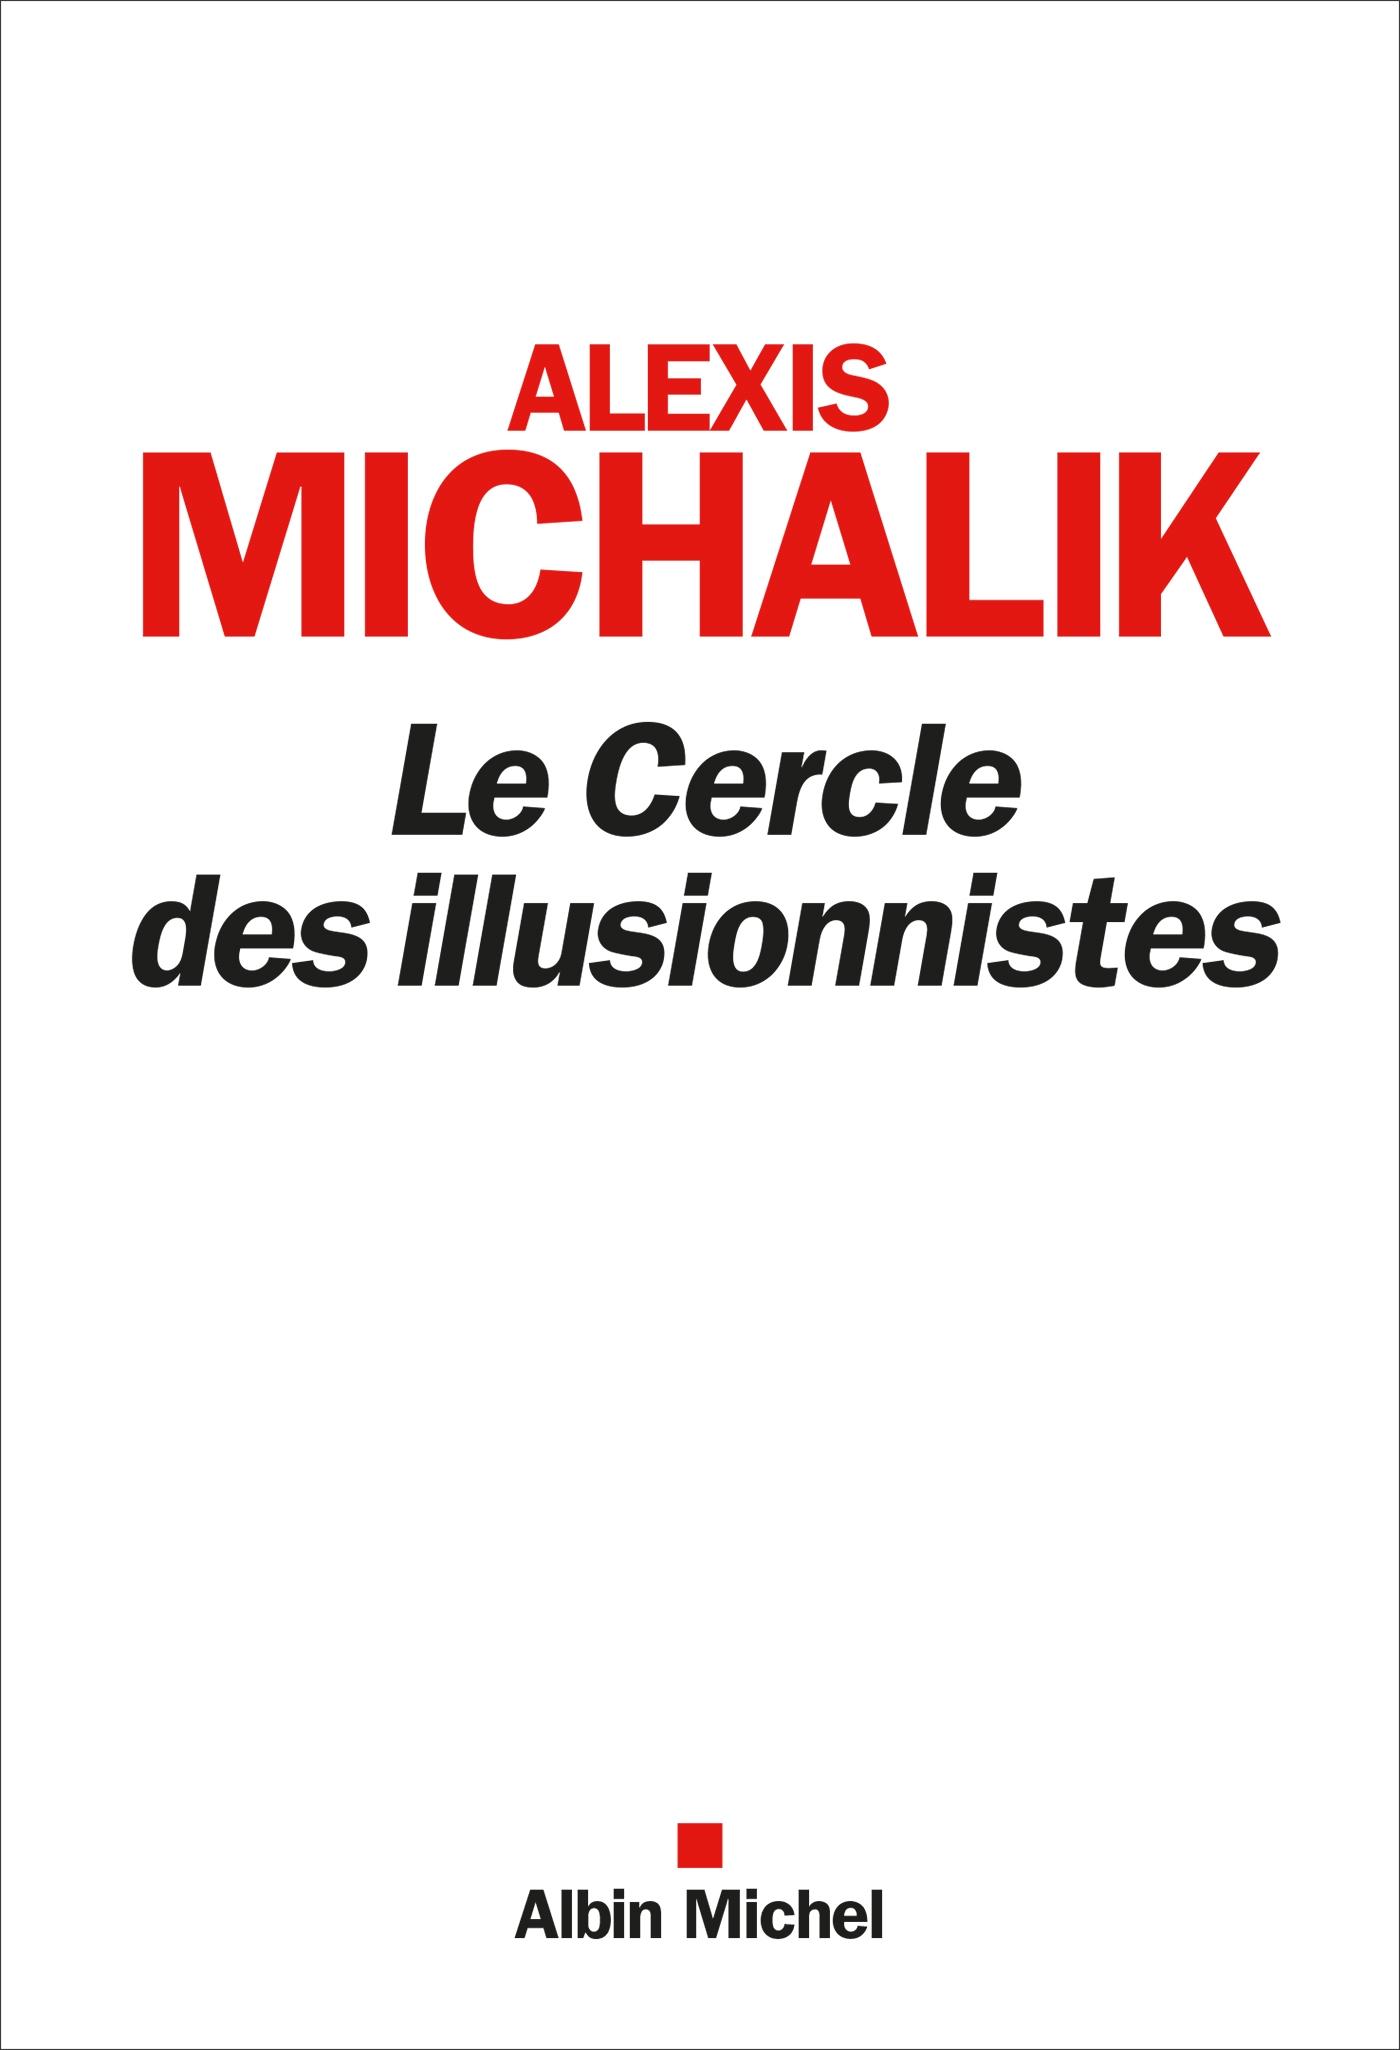 Le Cercle des illusionnistes | Michalik, Alexis. Auteur